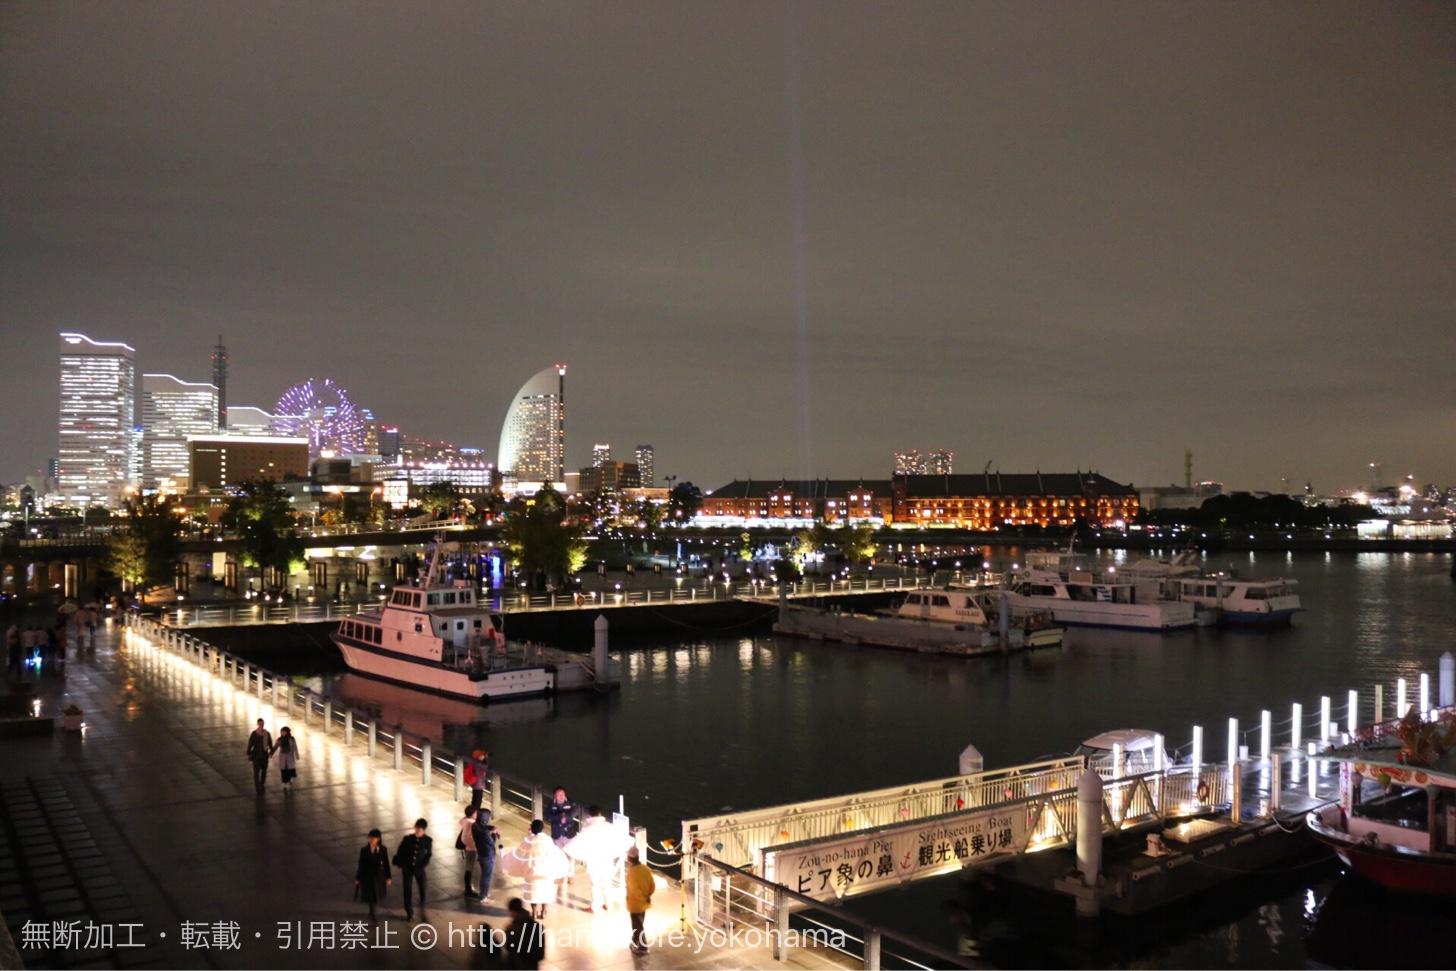 スマートイルミネーション開催中の横浜みなとみらいの夜景